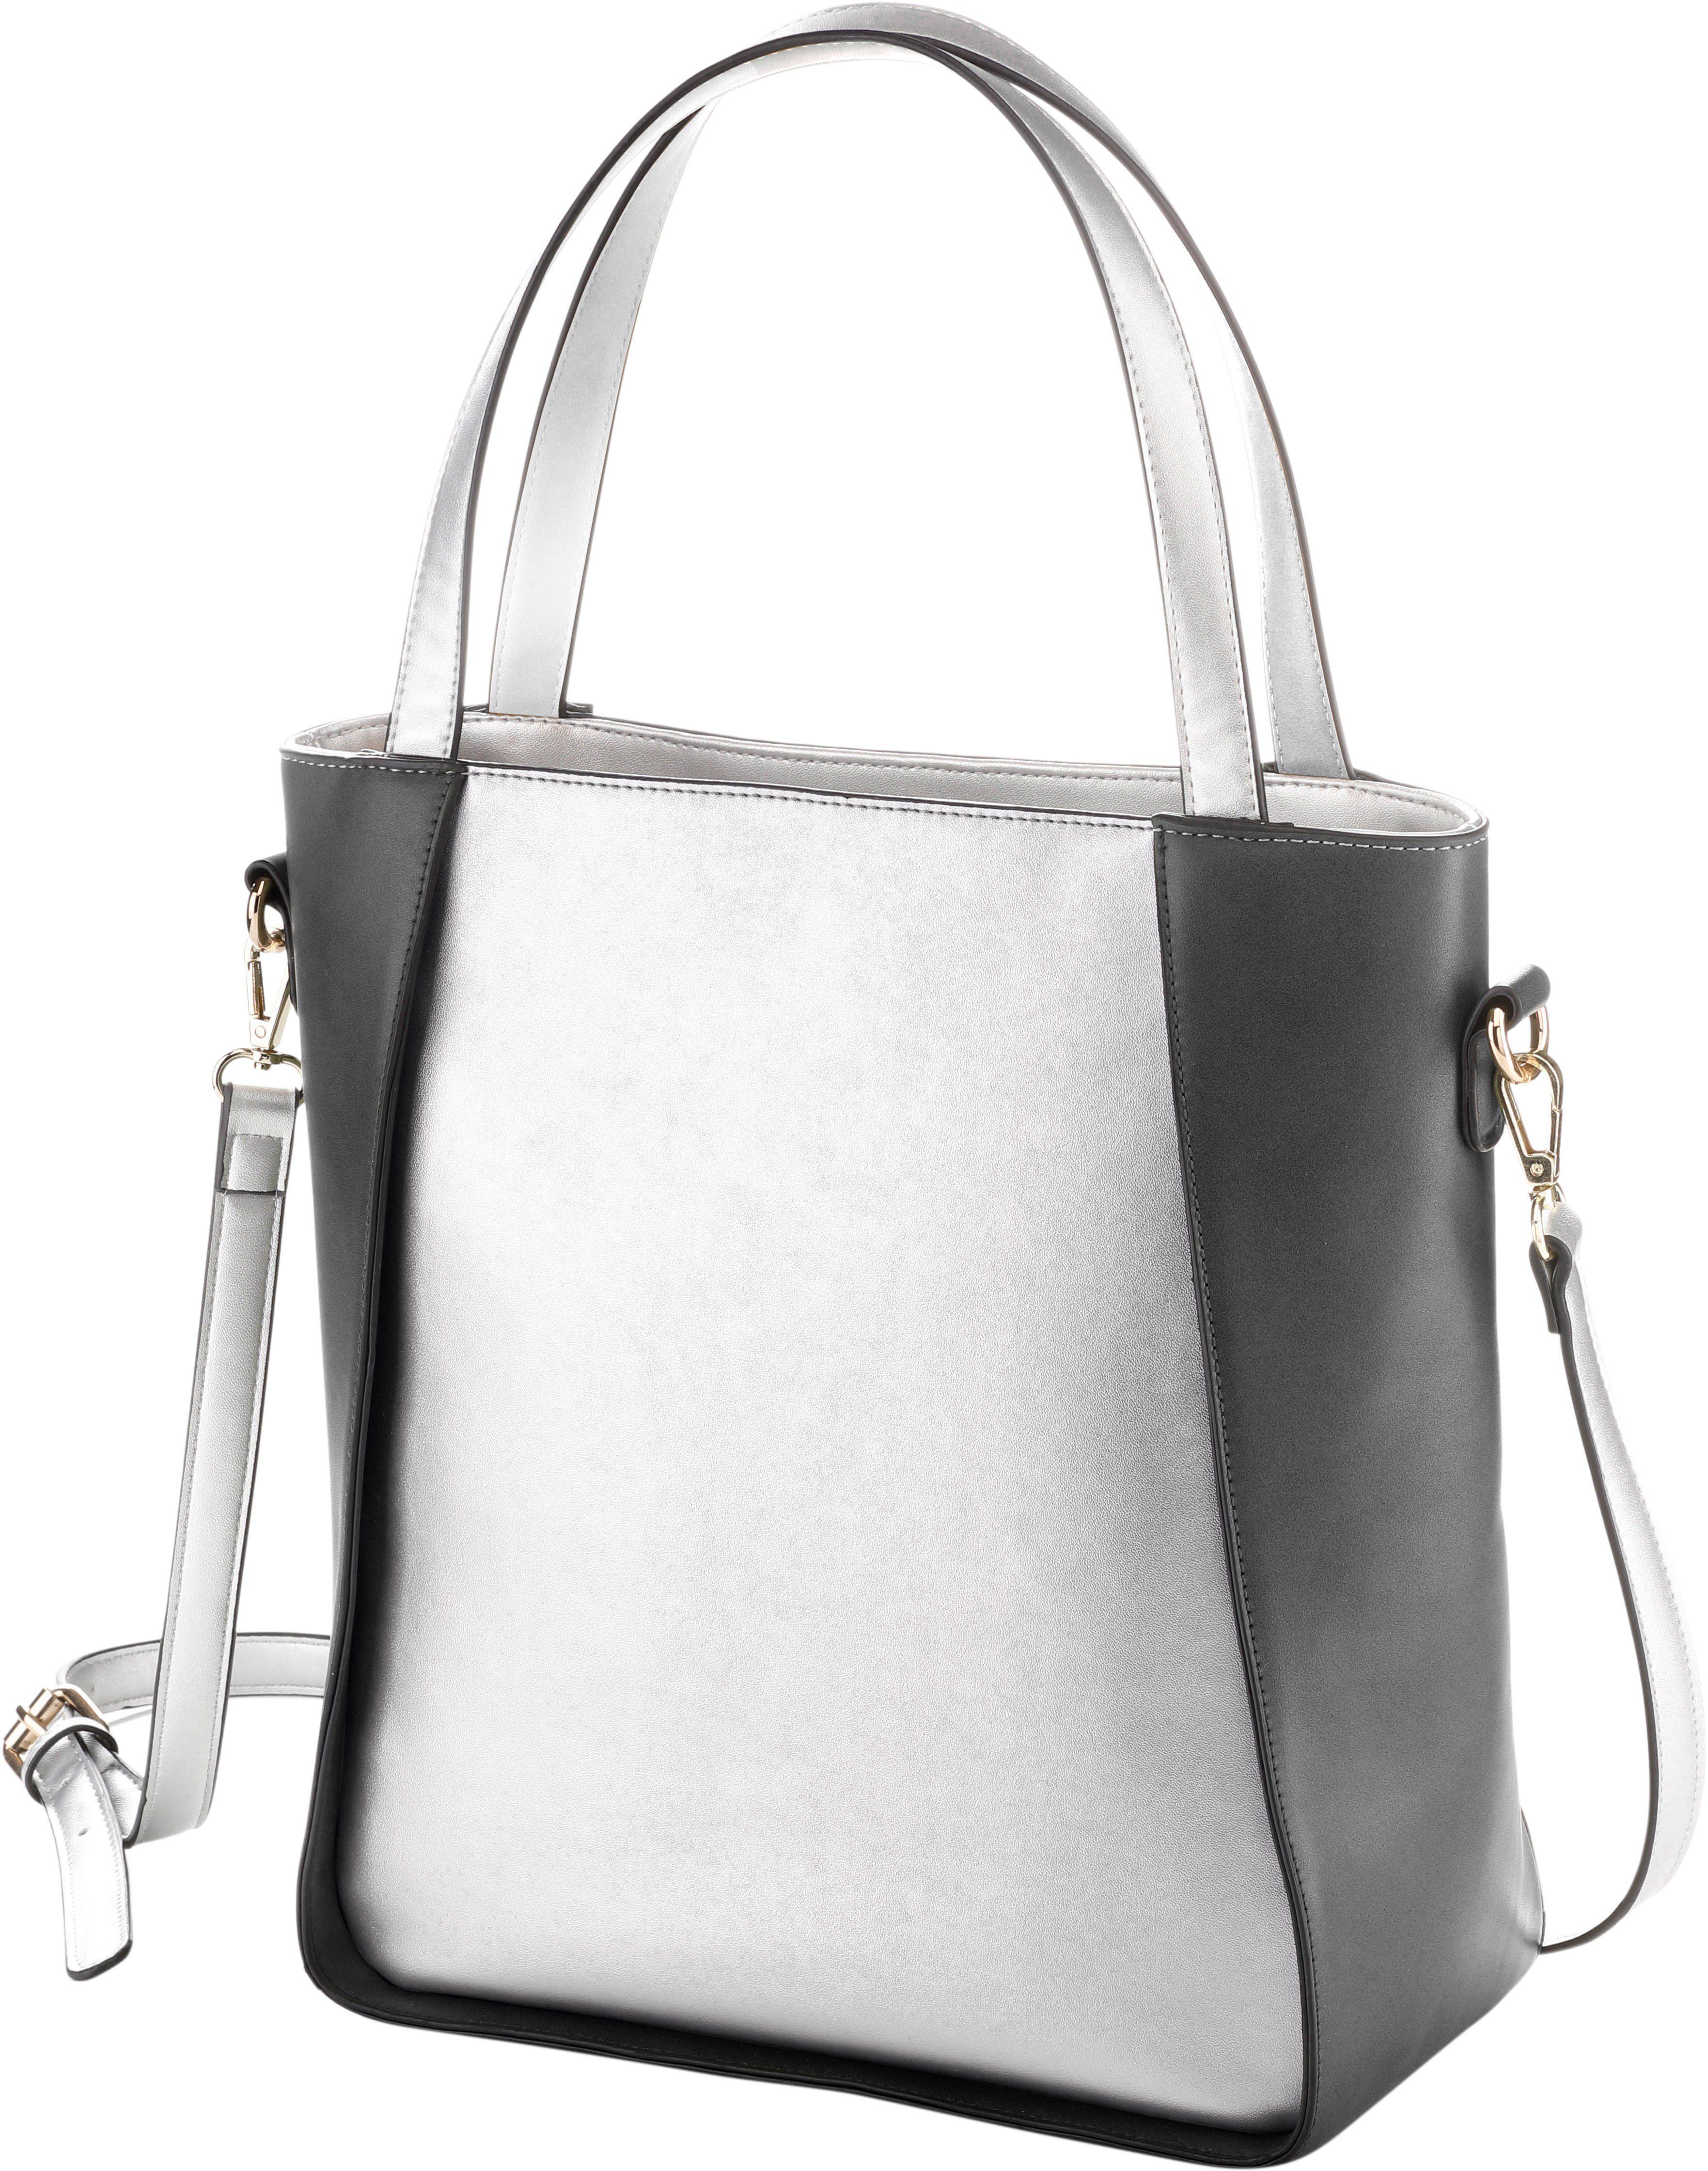 COEMI Tasche in trendiger Zweifarbigkeit